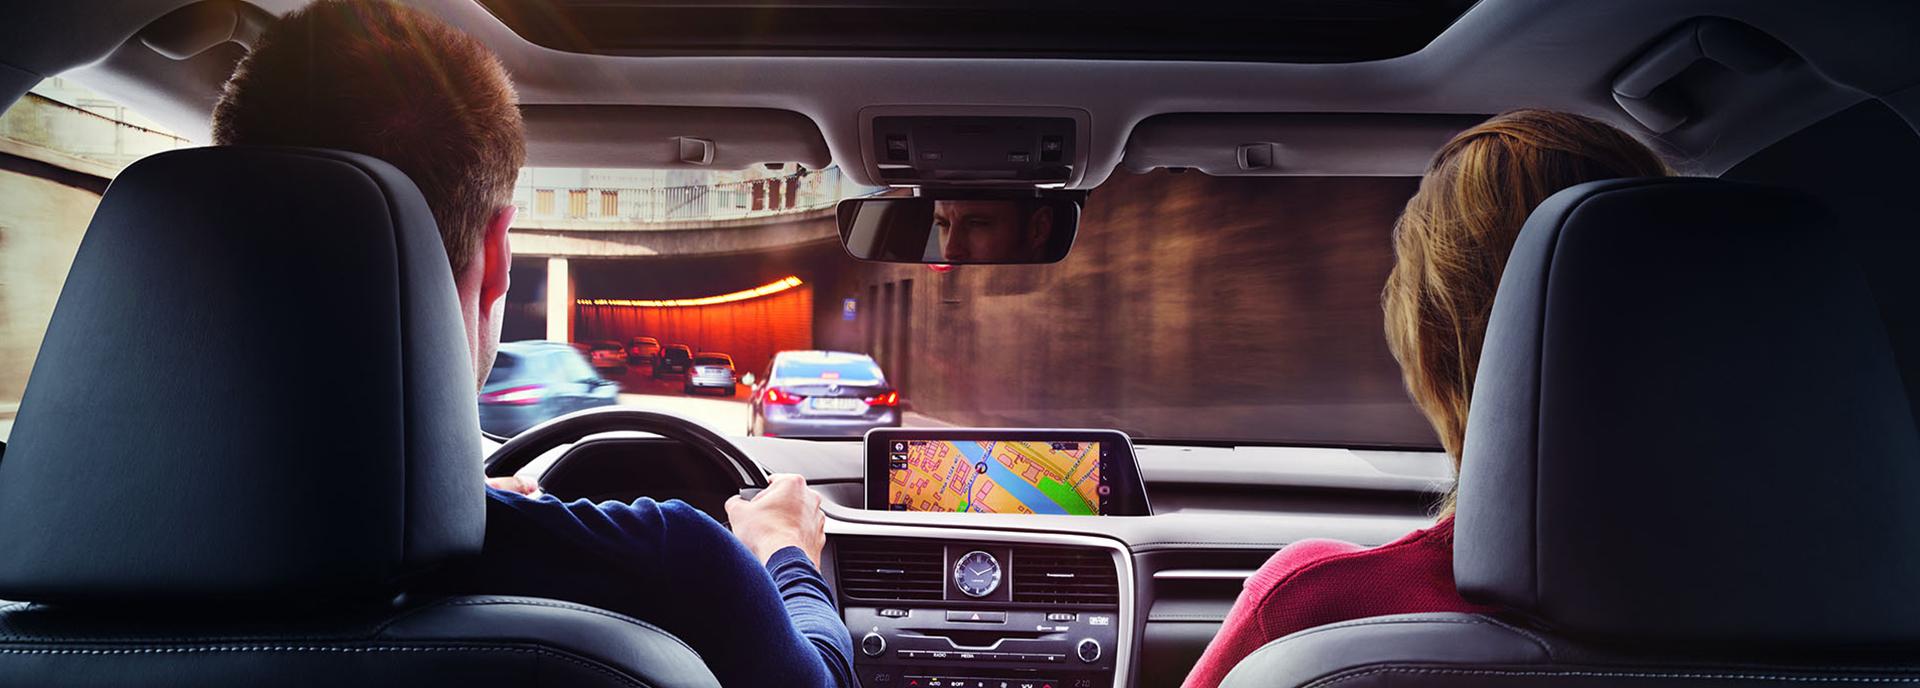 Lexus Navigatie systeem in auto bij man en vrouw die een tunnel inrijden